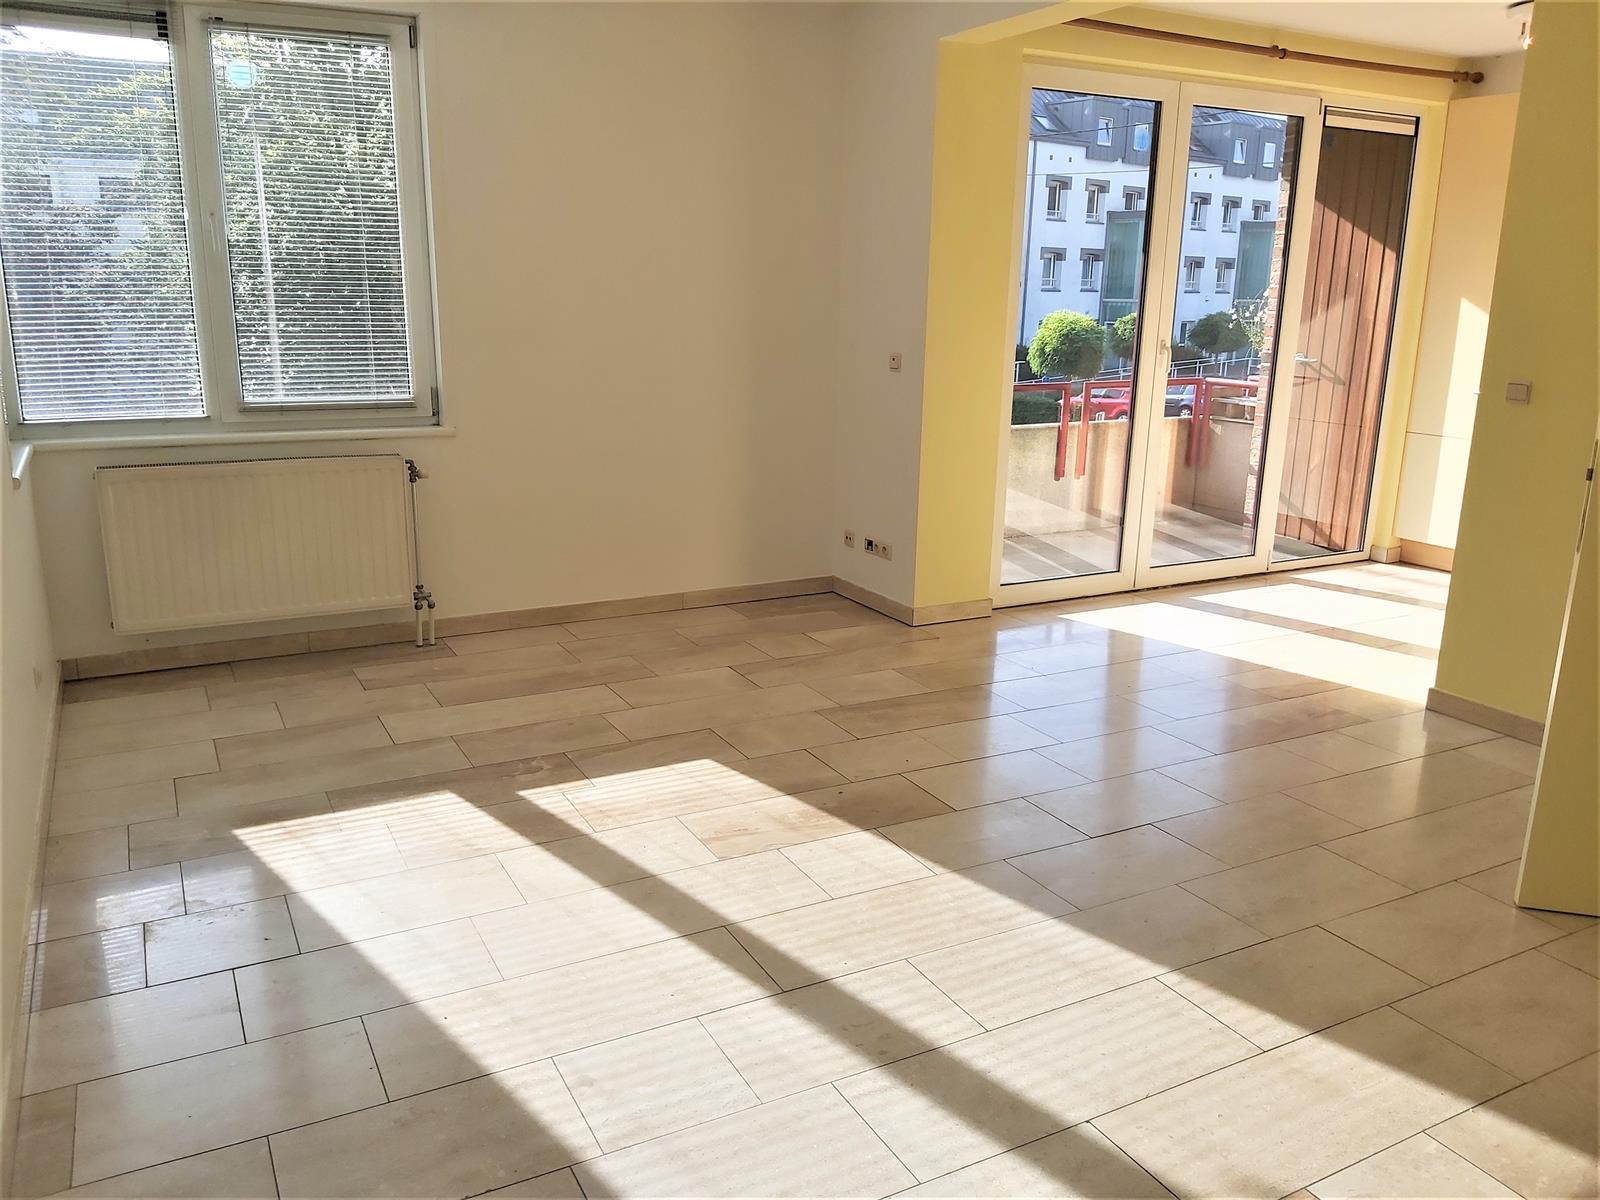 Appartement - Ottignies-Louvain-la-Neuve - #4498228-3